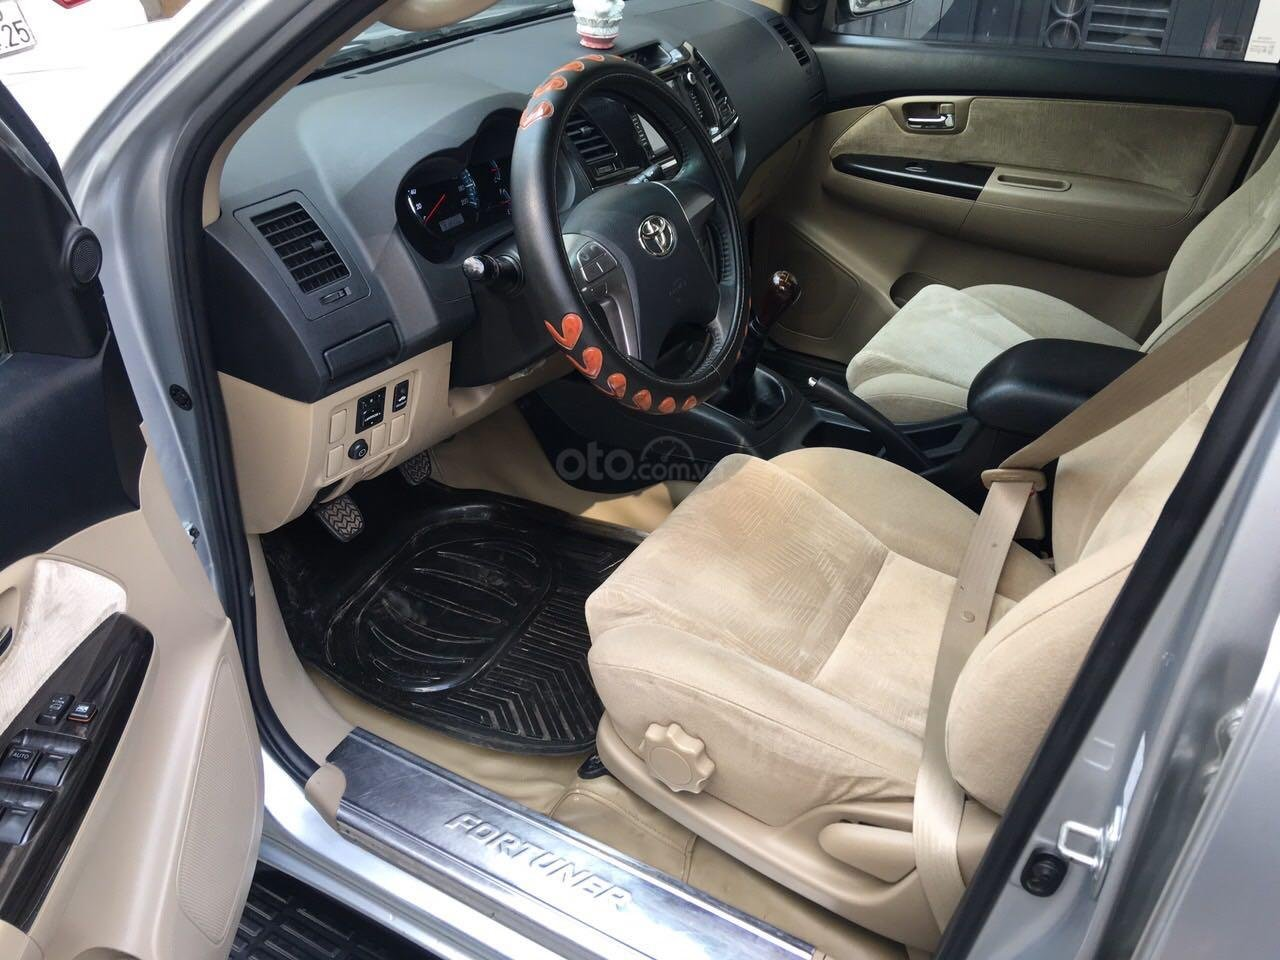 Bán xe Toyota Fortuner năm 2016, màu bạc còn mới, giá chỉ 790 triệu đồng (4)